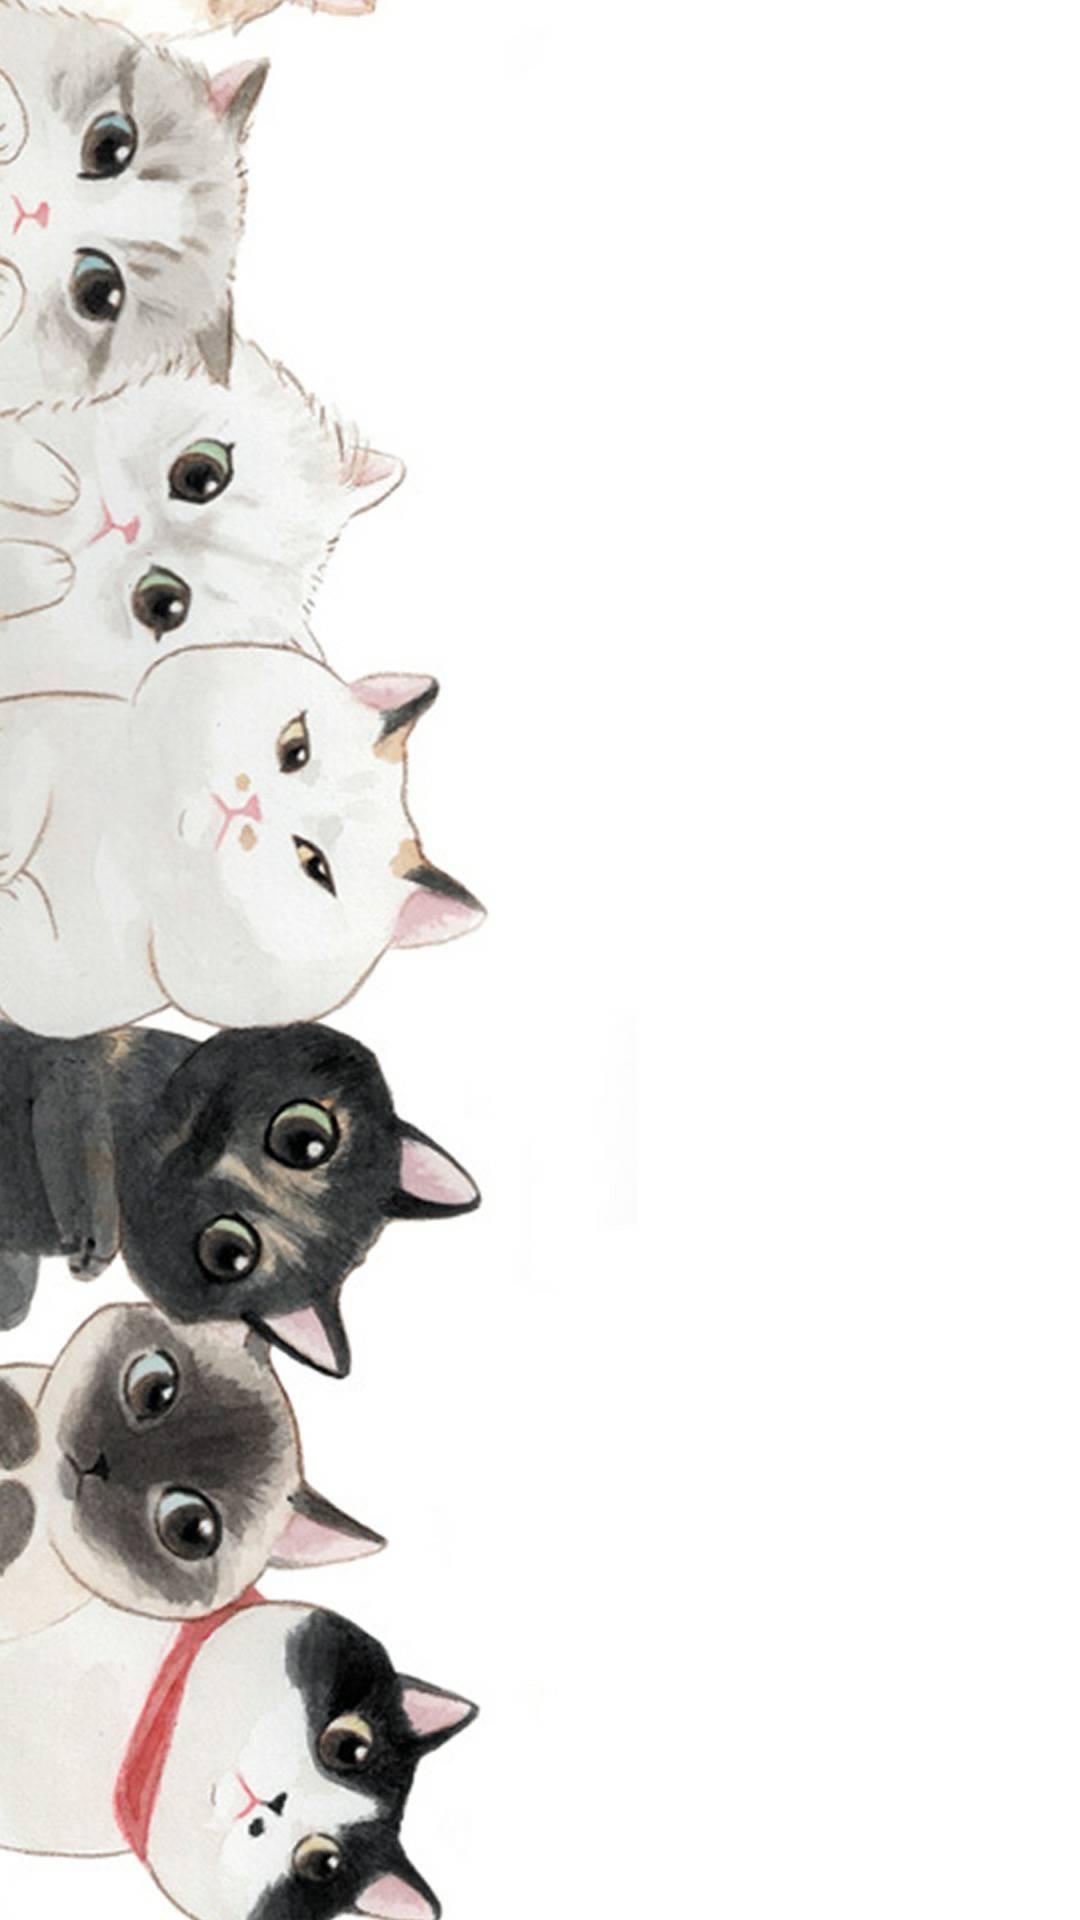 可爱手绘猫咪插画 | 手机壁纸